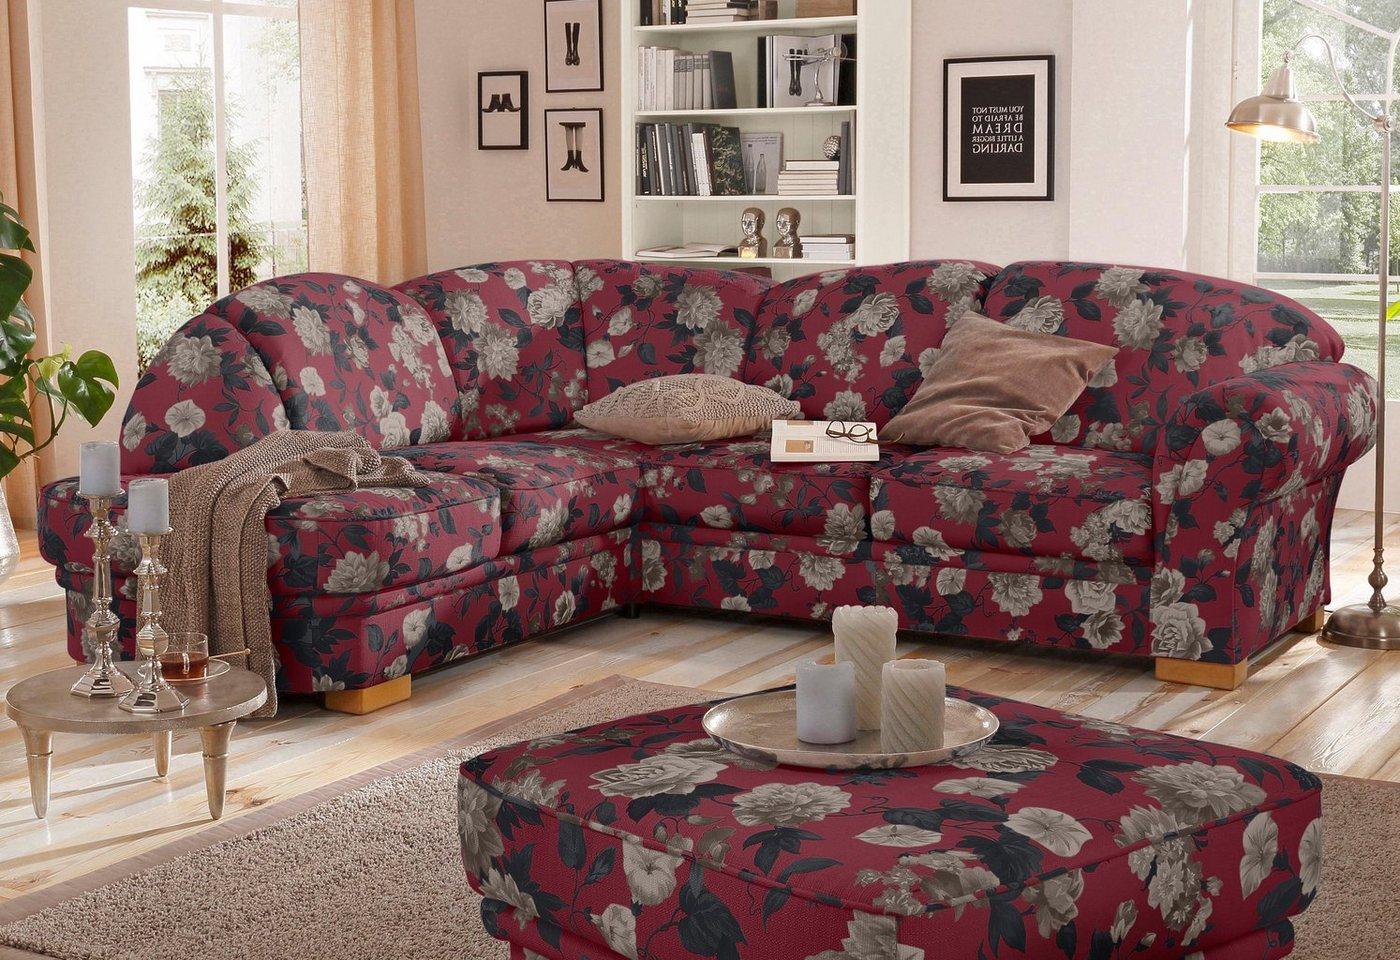 HOME AFFAIRE hoekbank Amrum, met bloemmotief, naar keuze met slaapfunctie en ottomane links/rechts